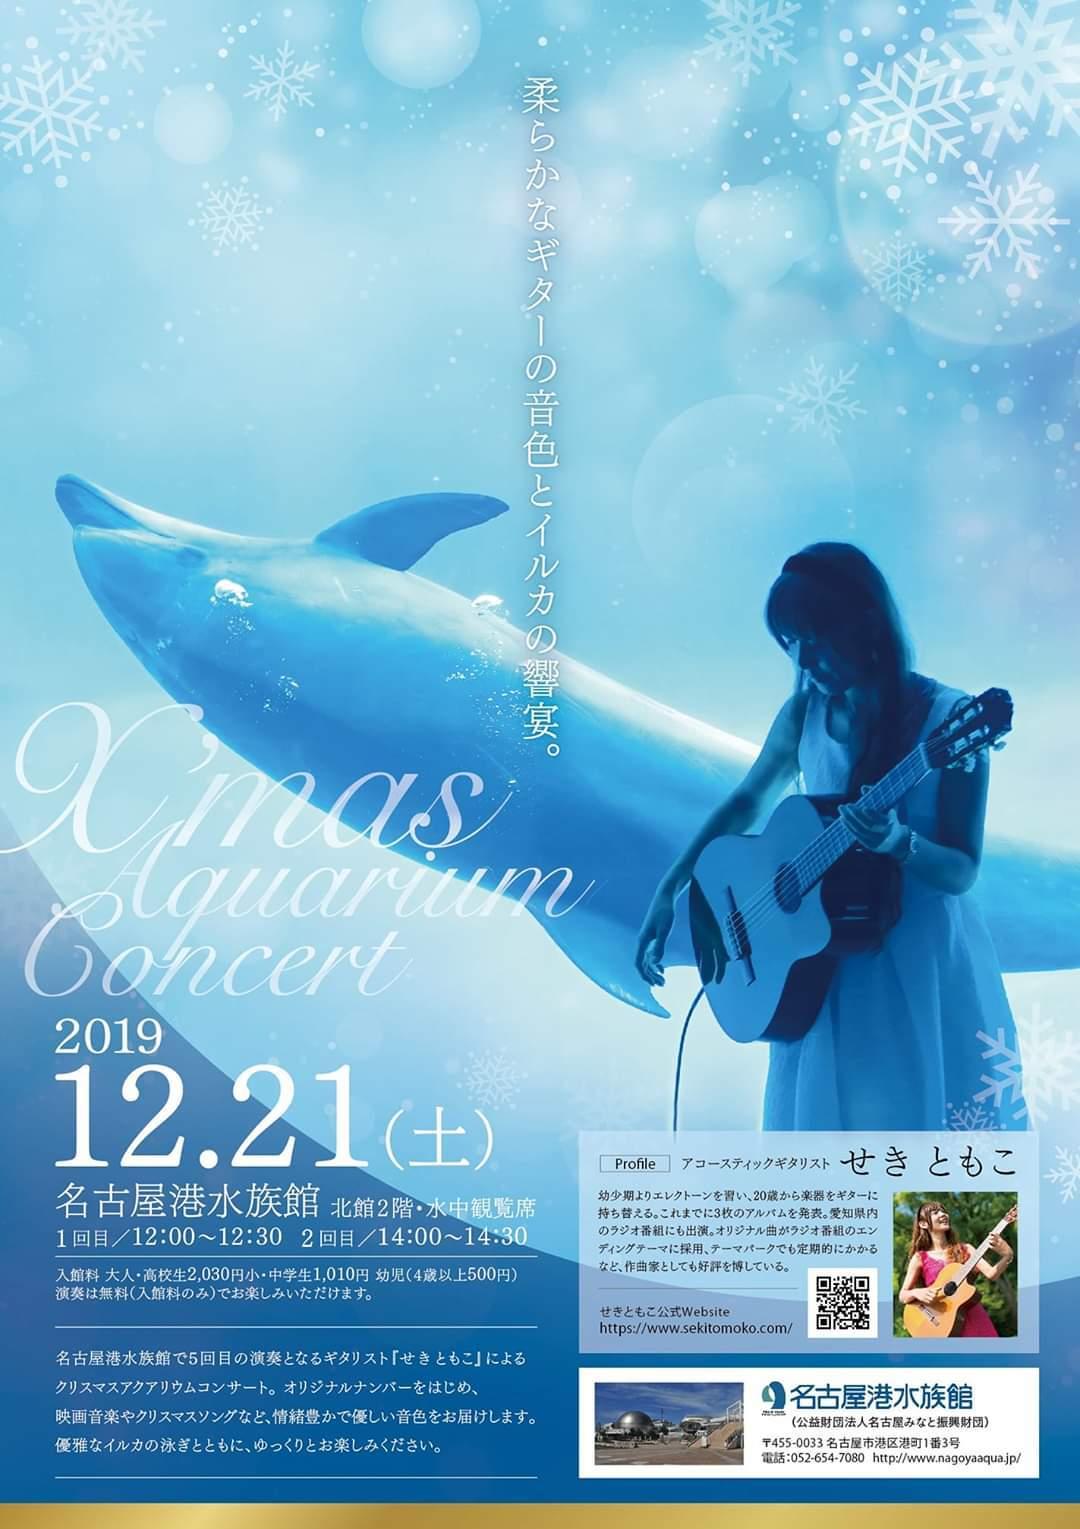 名古屋港水族館クリスマスアクアリウムコンサート2019_f0373339_16195598.jpg